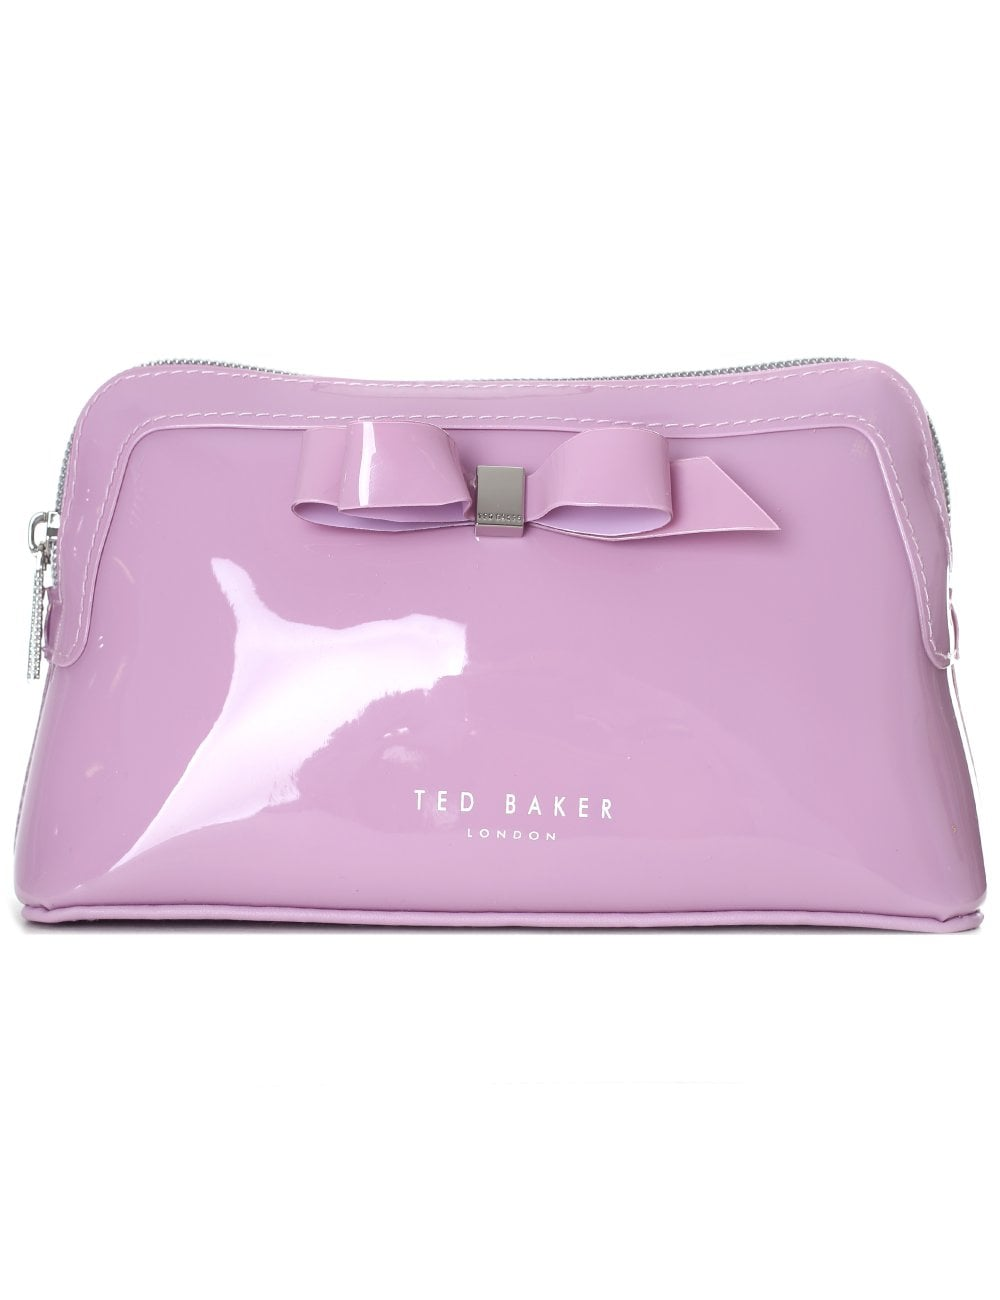 3c606efc7b Ted Baker Light Pink Makeup Bag | Saubhaya Makeup